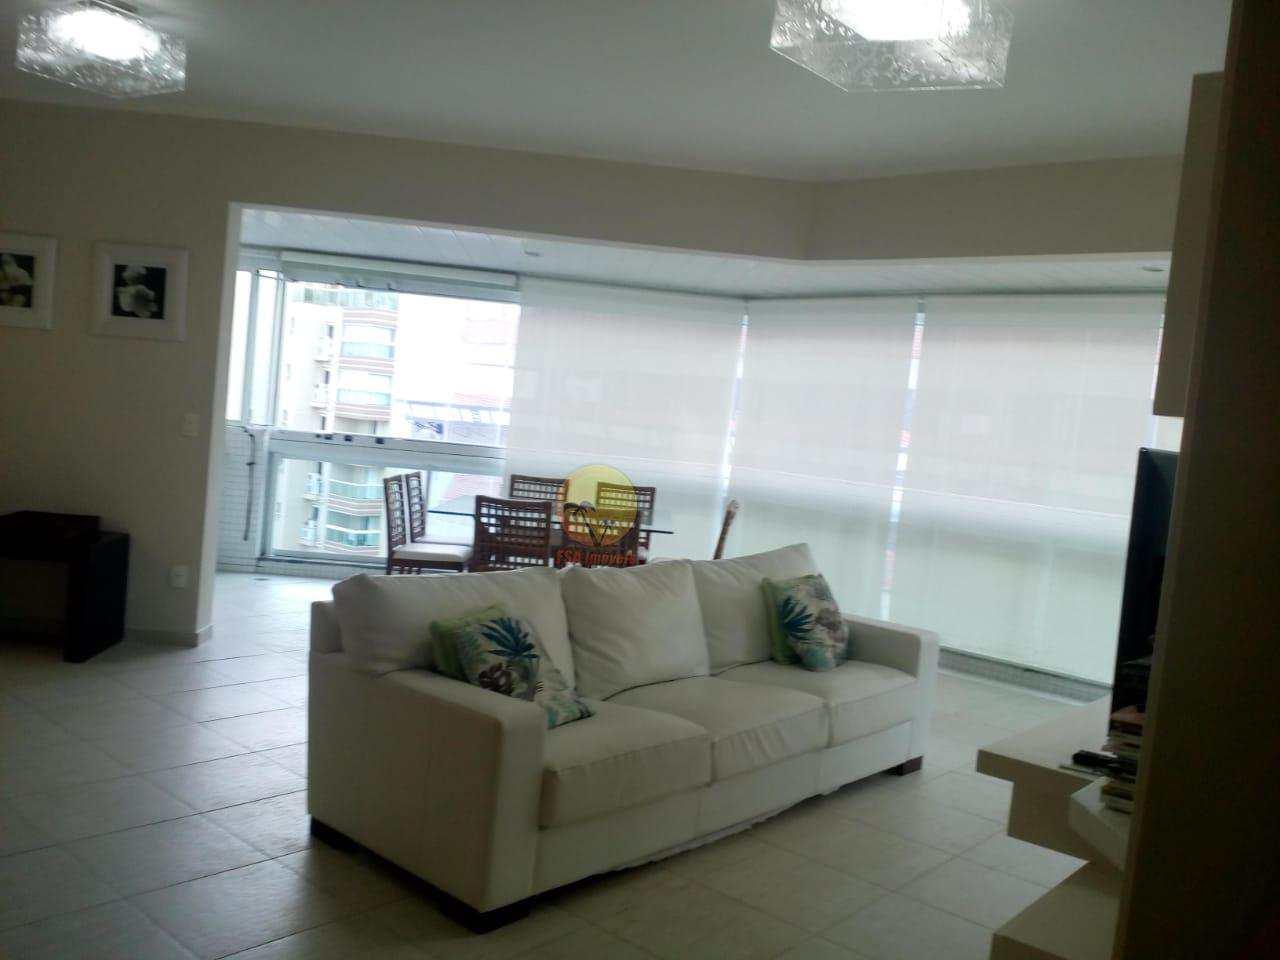 Apartamento com 3 dorms, Riviera de São Lourenço, Bertioga - R$ 2.100.000,00, 160m² - Codigo: 3417